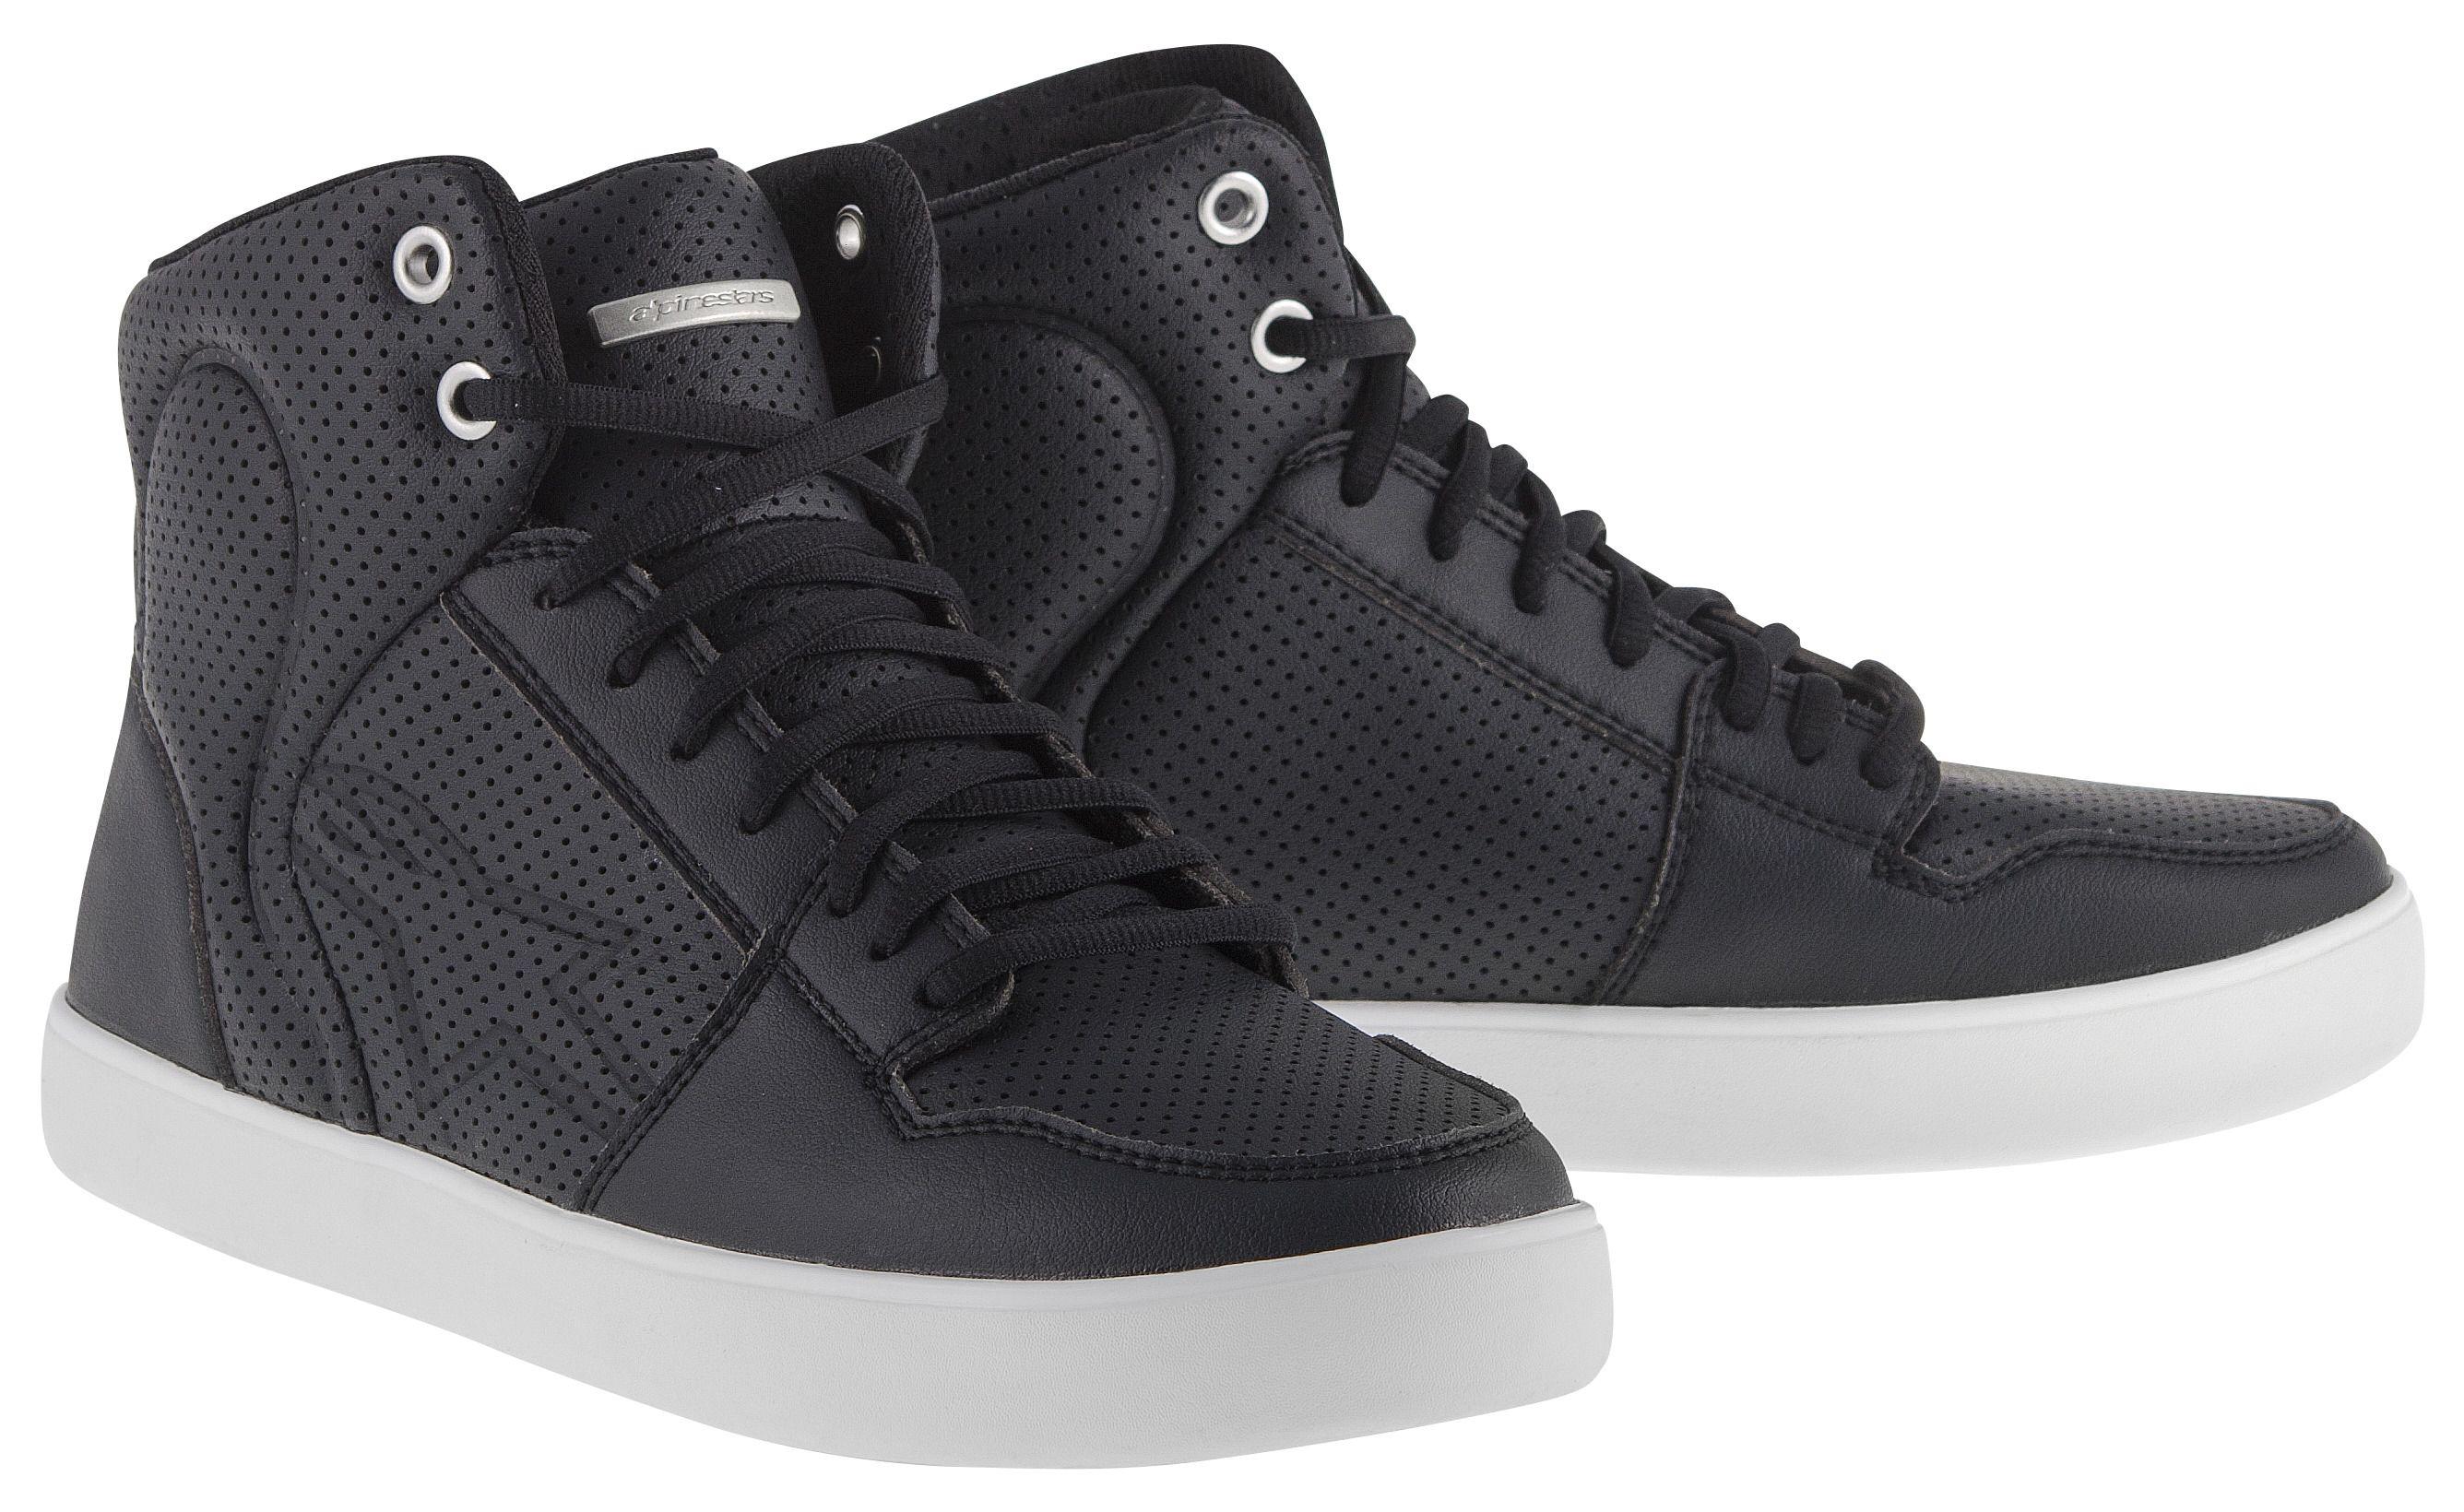 Alpinestars Anaheim Shoes Revzilla